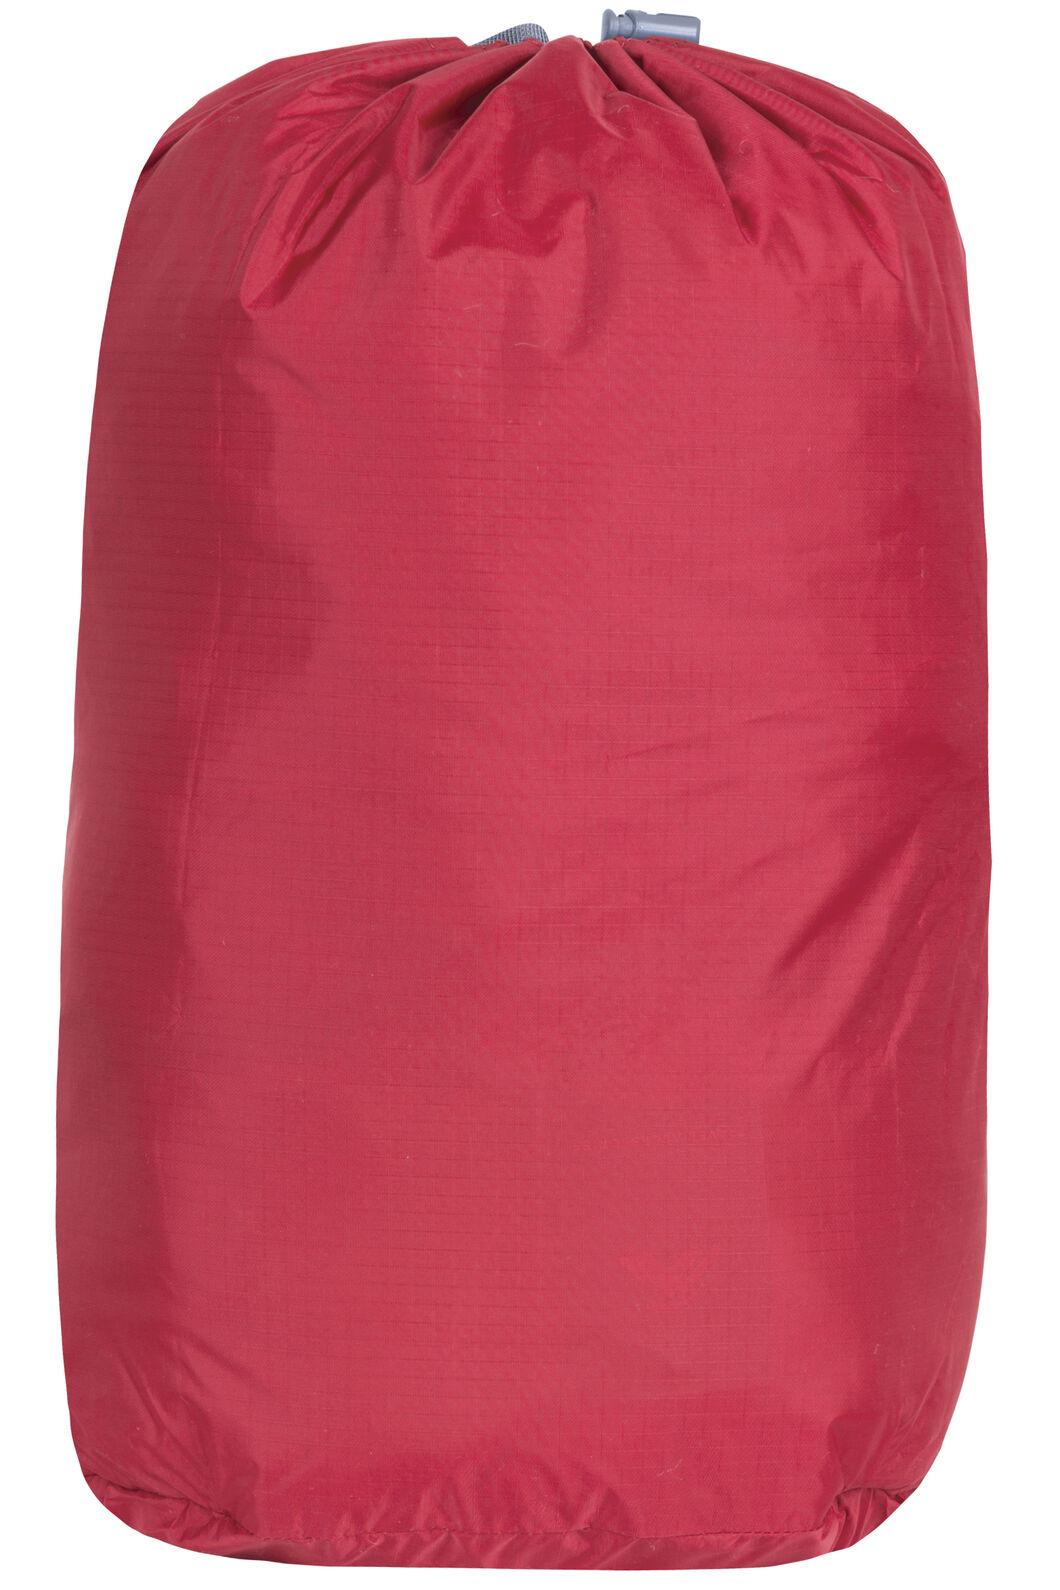 Macpac Stuff Sack XL, Scarlet Sage, hi-res